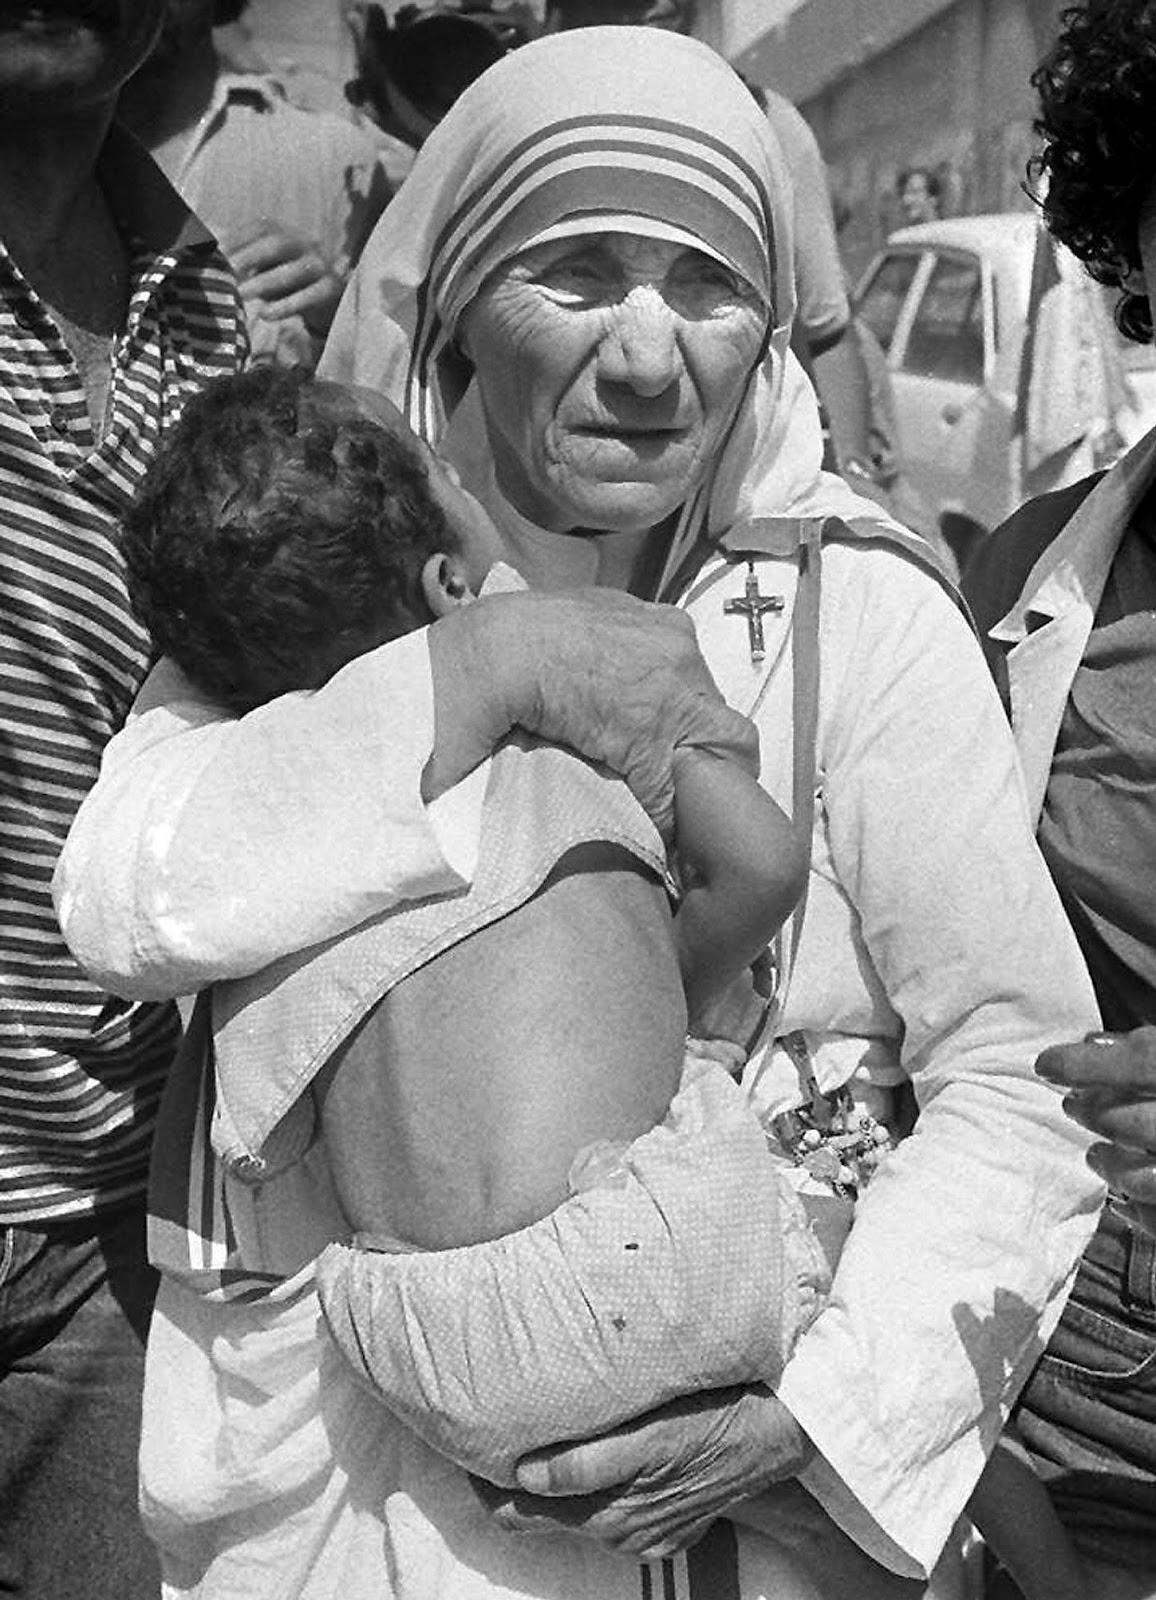 Donne e uomini per la vita nel solco di santa Teresa di Calcutta